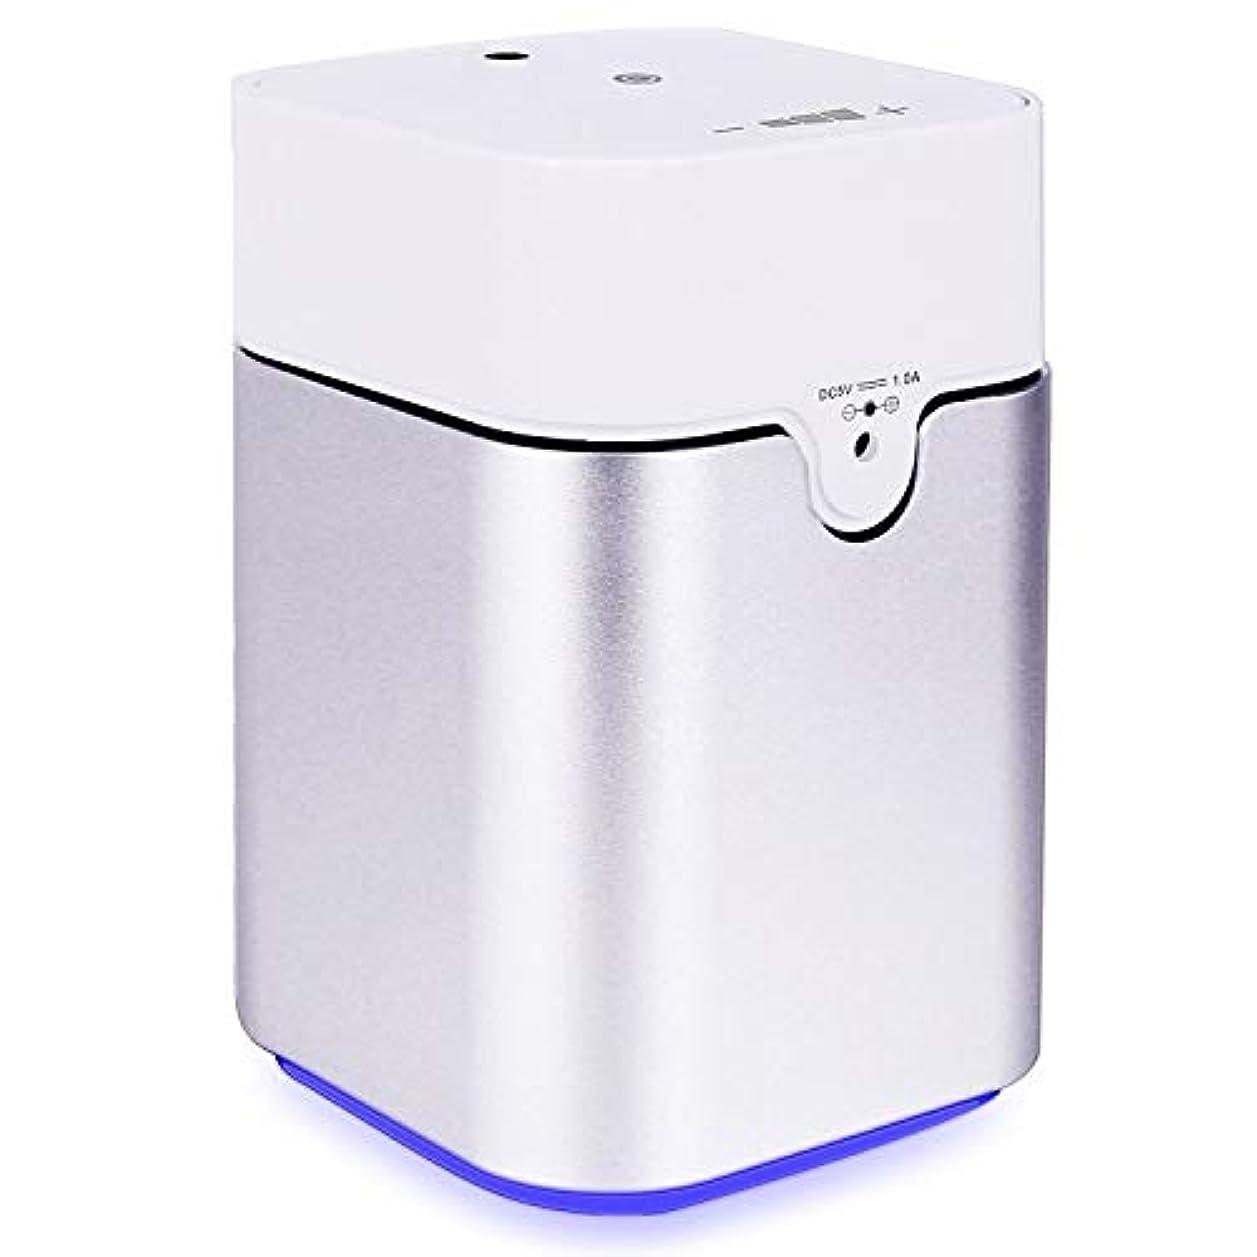 反逆者梨支配的ENERG e's Pure アロマディフューザー ヨガ室 整体院人気 タイマー機能 ネブライザー式 量調整可能 精油瓶3個付き T11-ENS082